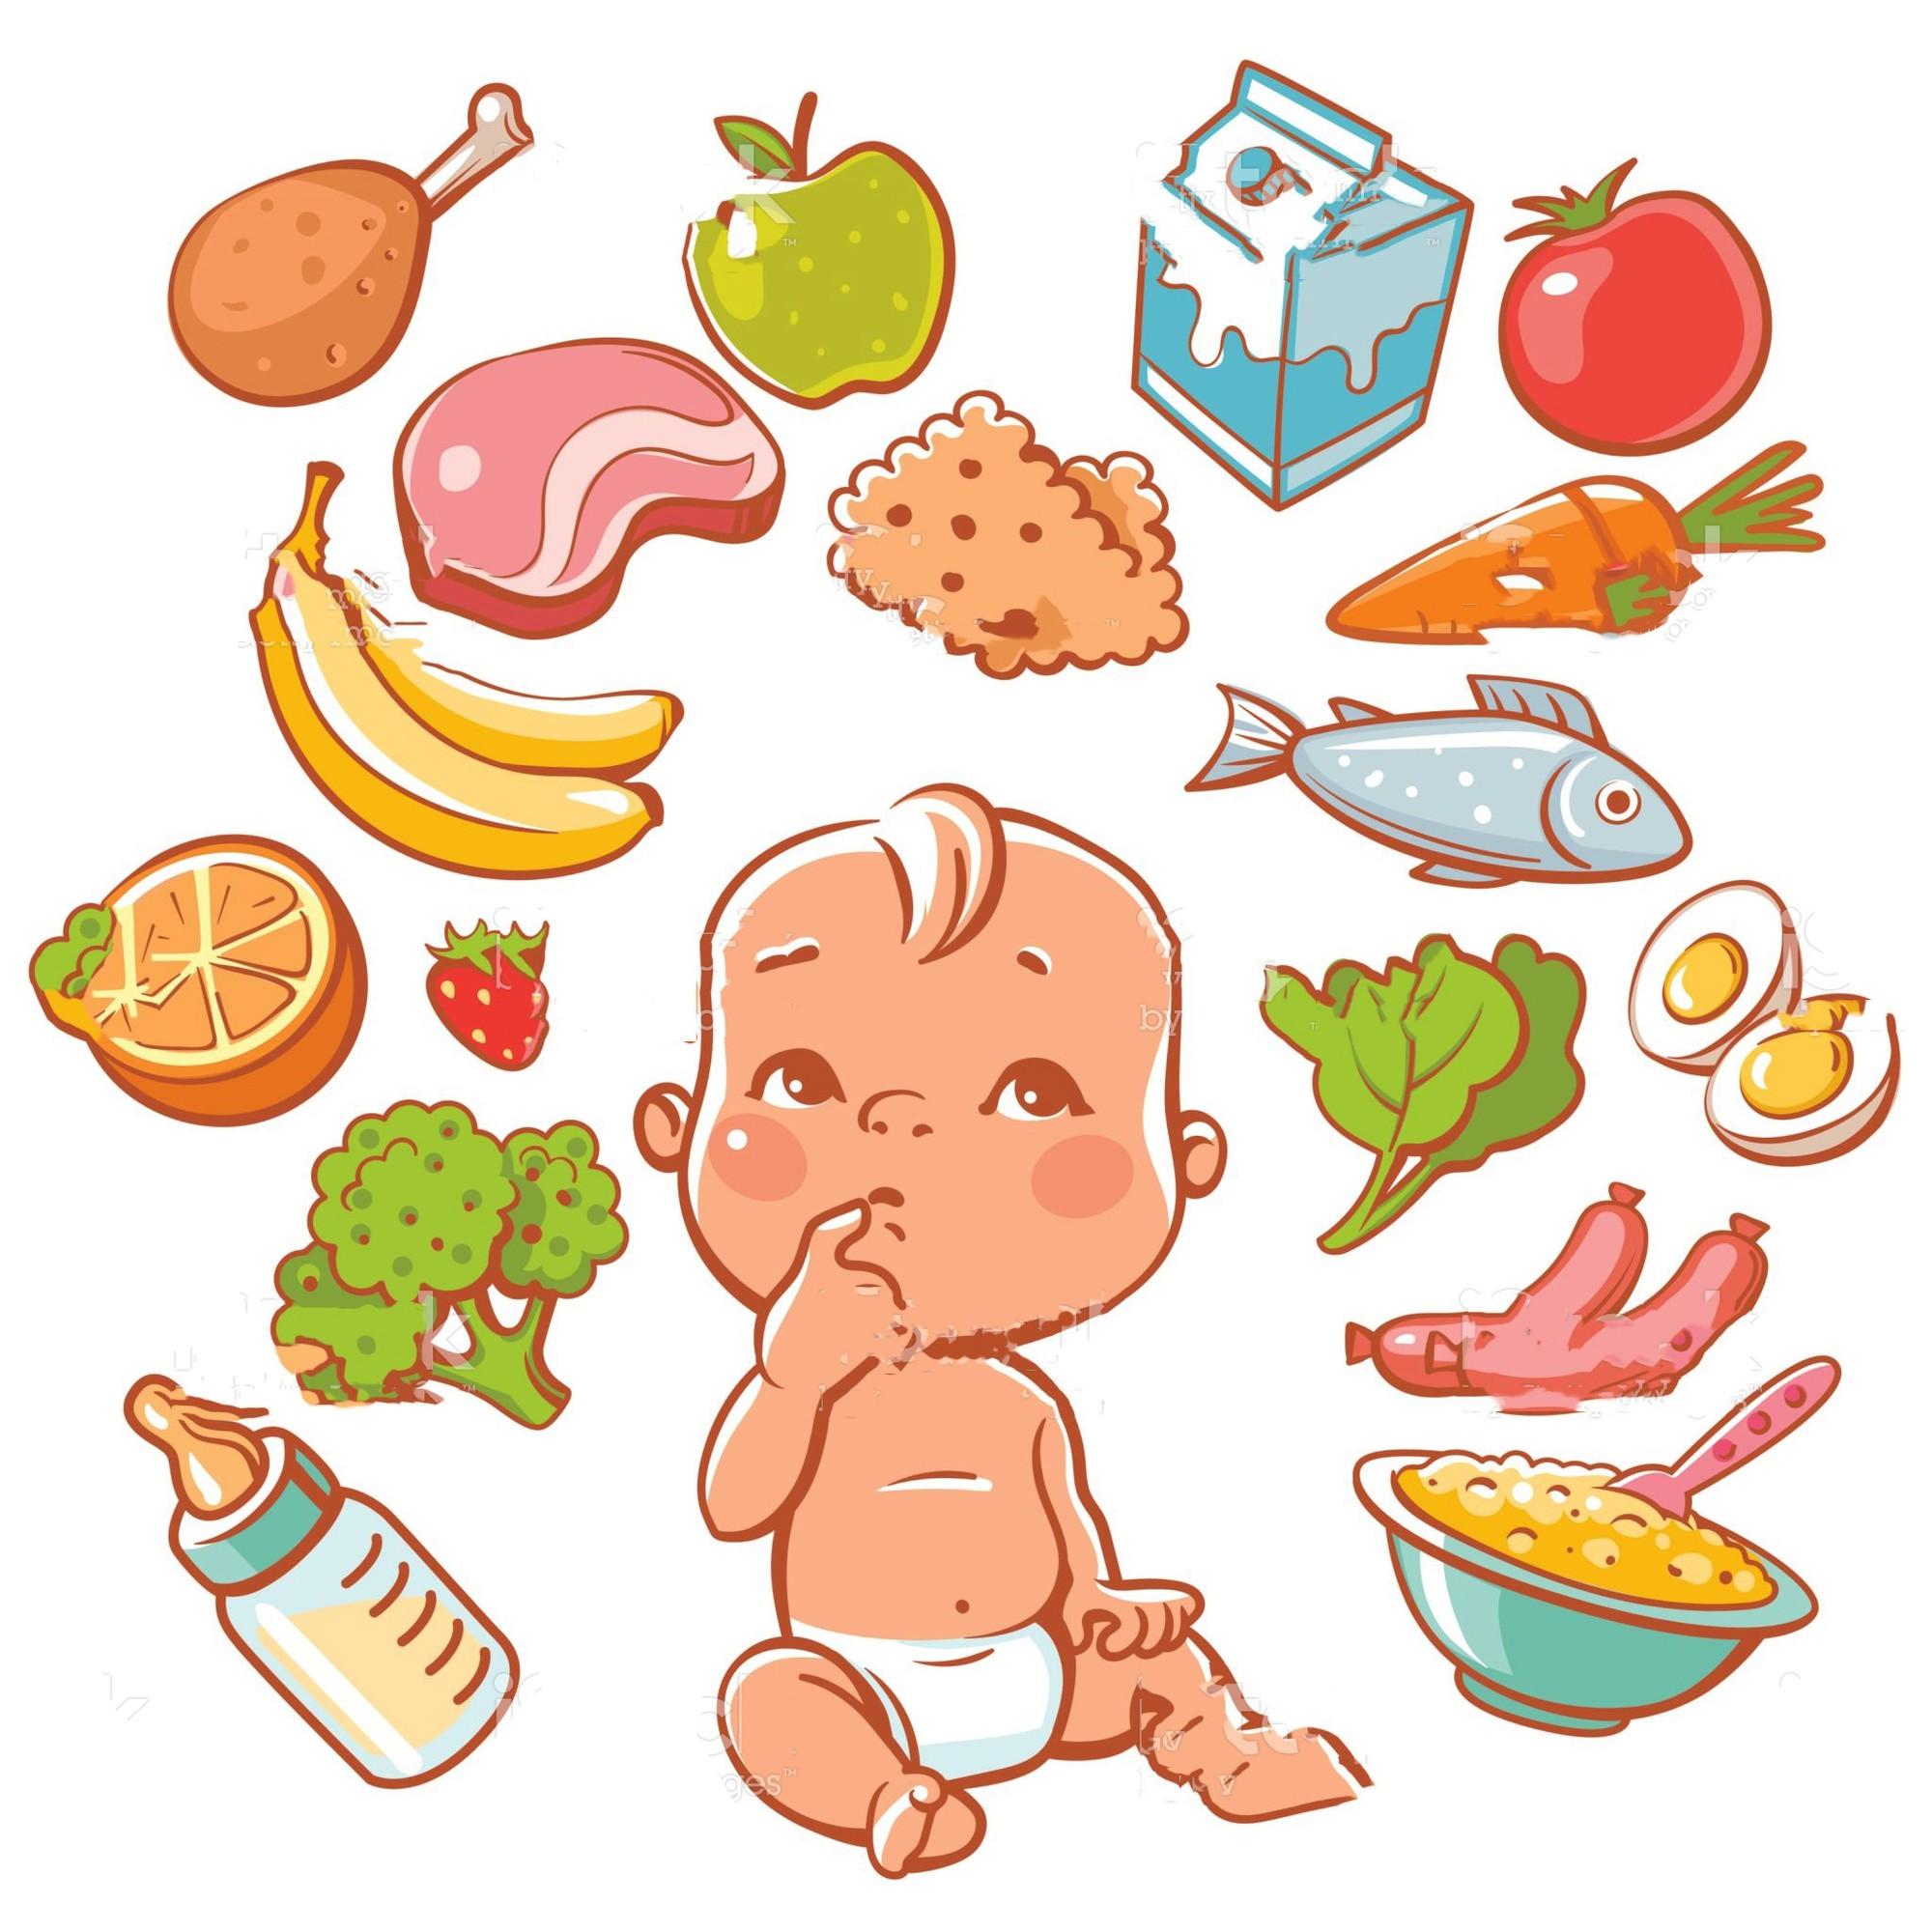 Kết quả hình ảnh cho dinh dưỡng cho trẻ nhỏ